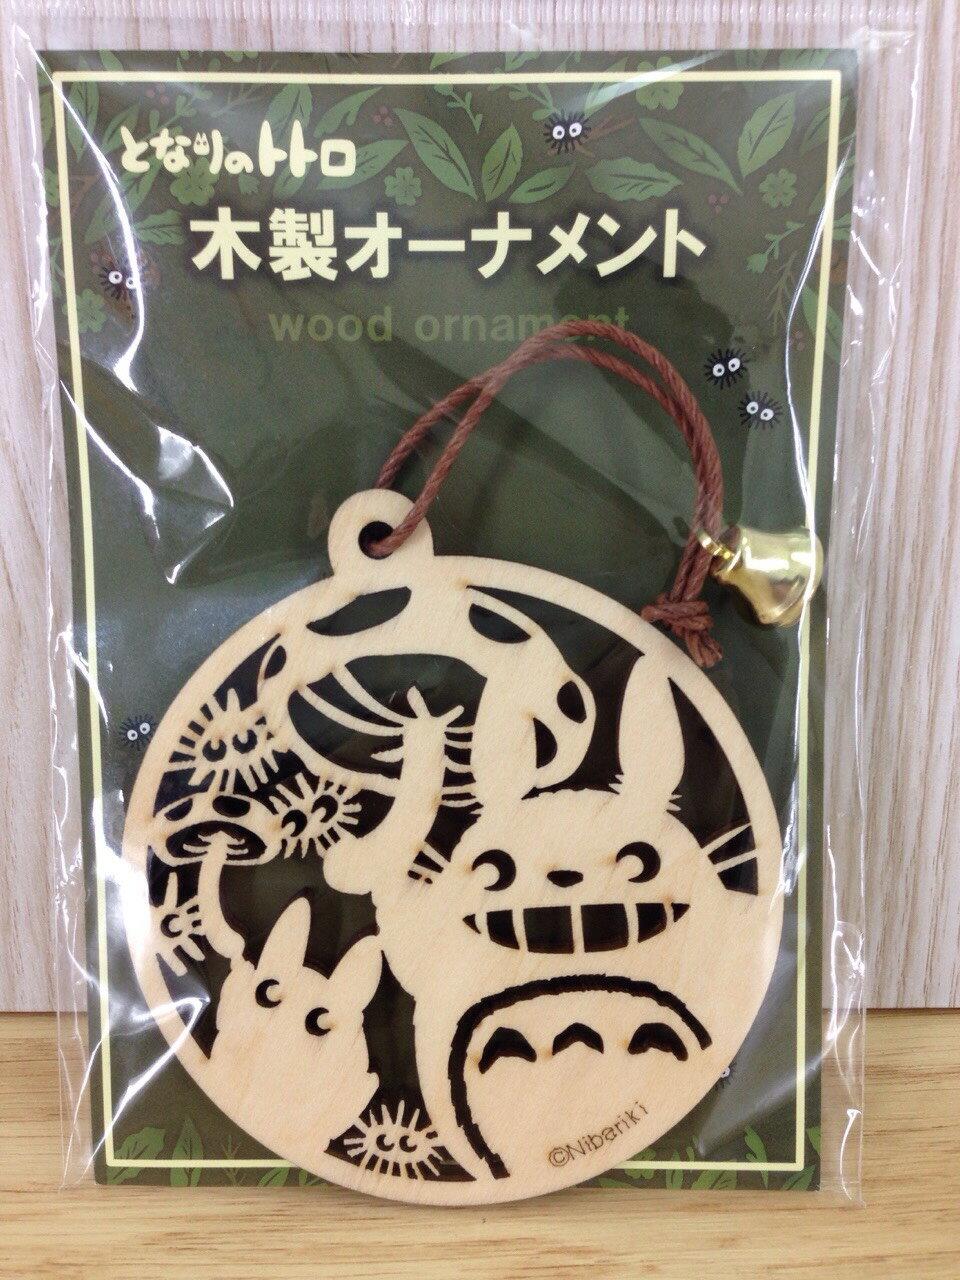 【真愛日本】15121500004精緻雕刻圓形木牌-龍貓香菇   龍貓 TOTORO 豆豆龍    吊飾  掛飾  木牌  收藏